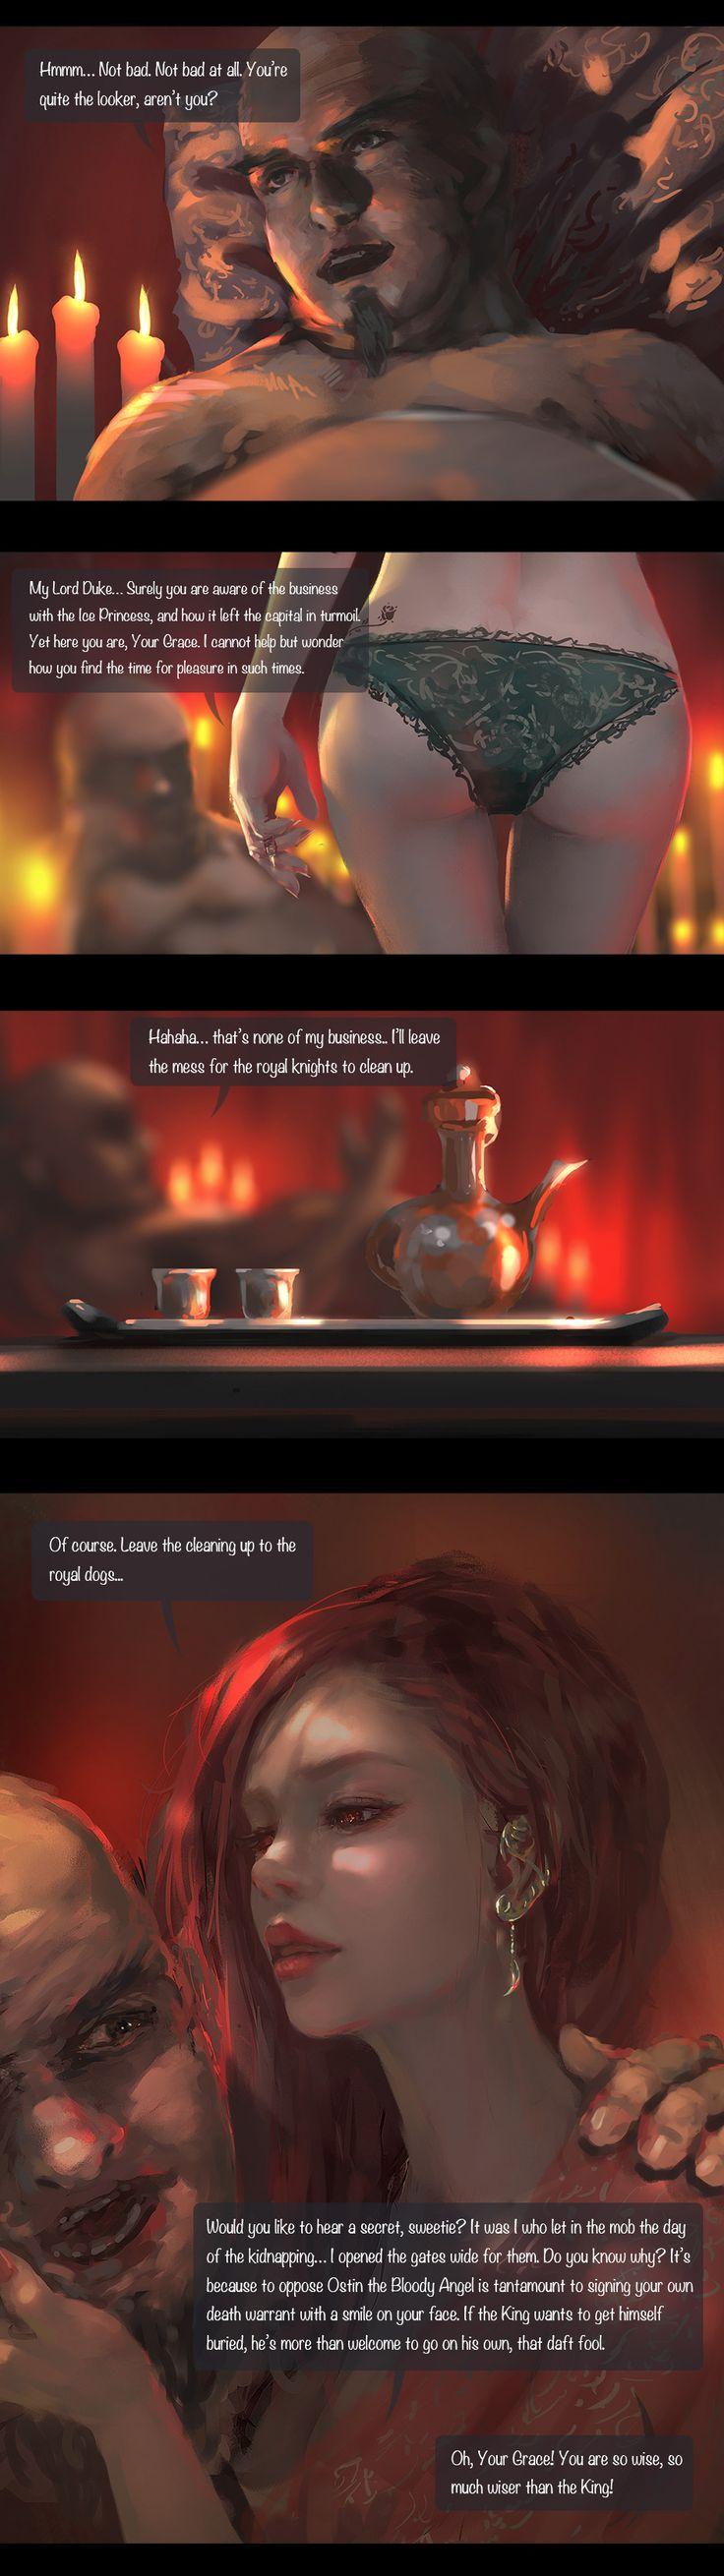 Chapter 5: The Burning rose (Part I) - image